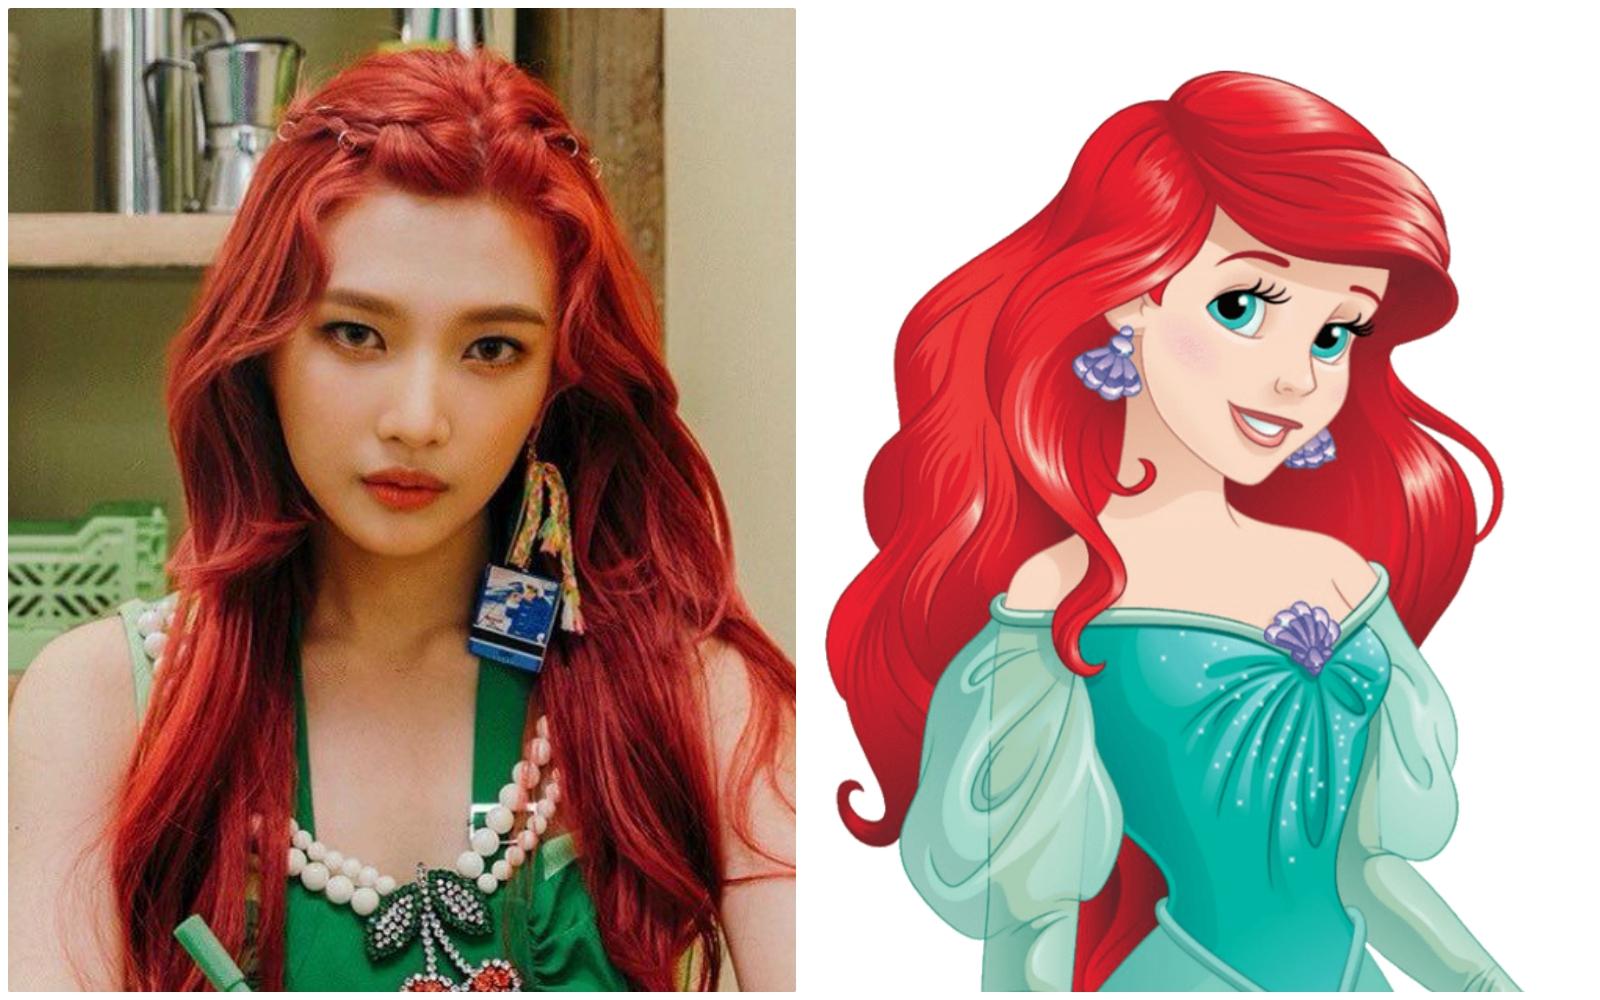 Joy, Red Velvet, Joy là hiện thân của các nàng công chúa Disney đời thực, Tiana, Rapunzel, Elsa, Belle, Moana, Aurora, Ariel, Cinderella, Snow White